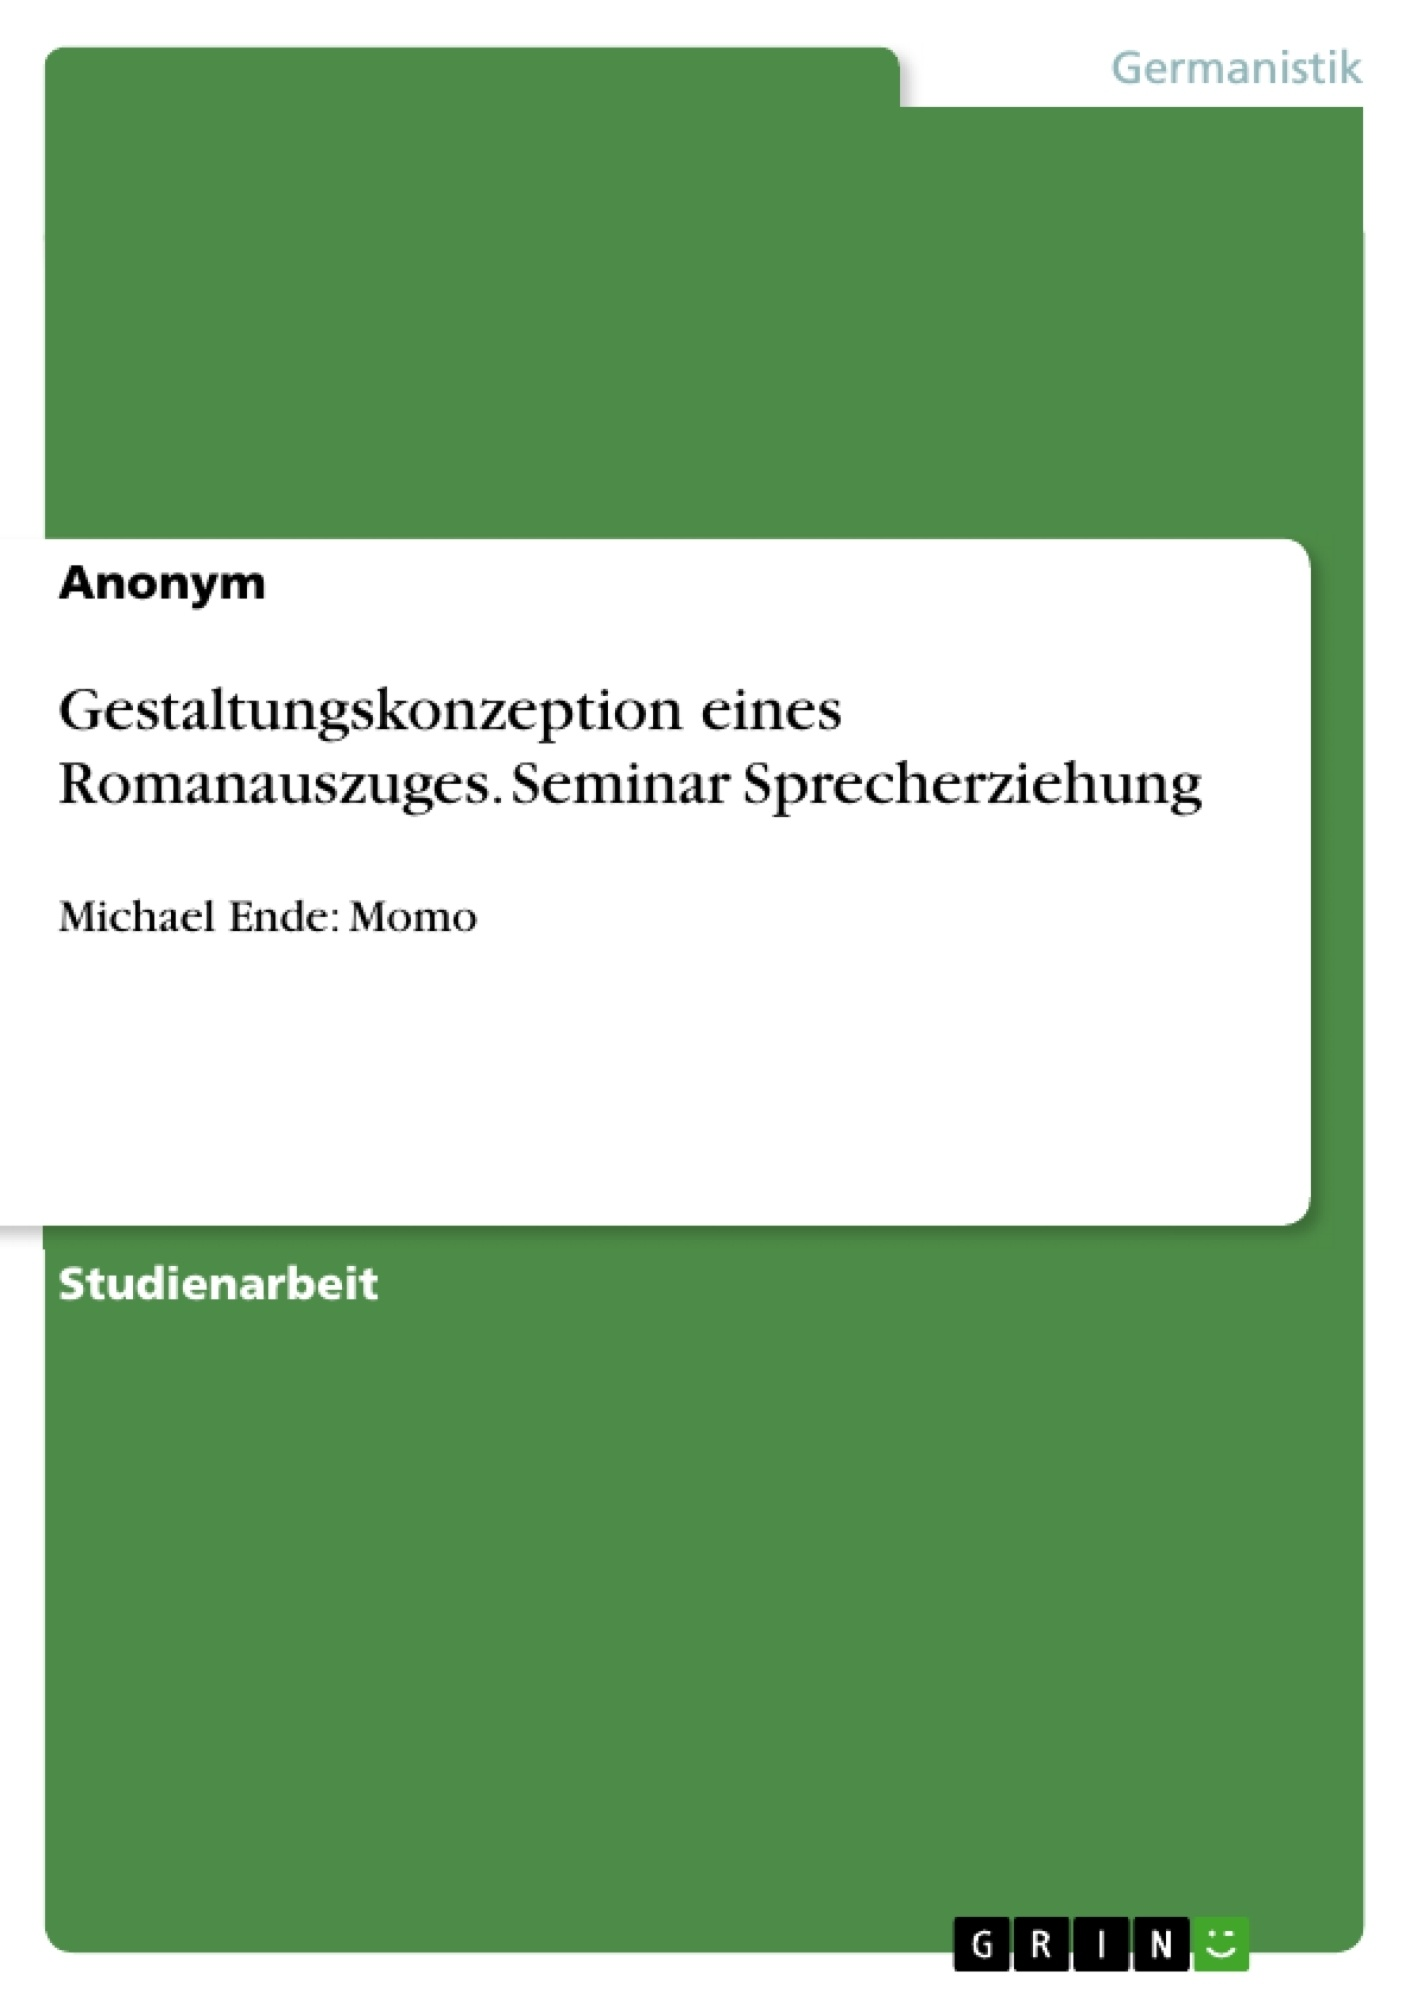 Titel: Gestaltungskonzeption eines Romanauszuges. Seminar Sprecherziehung